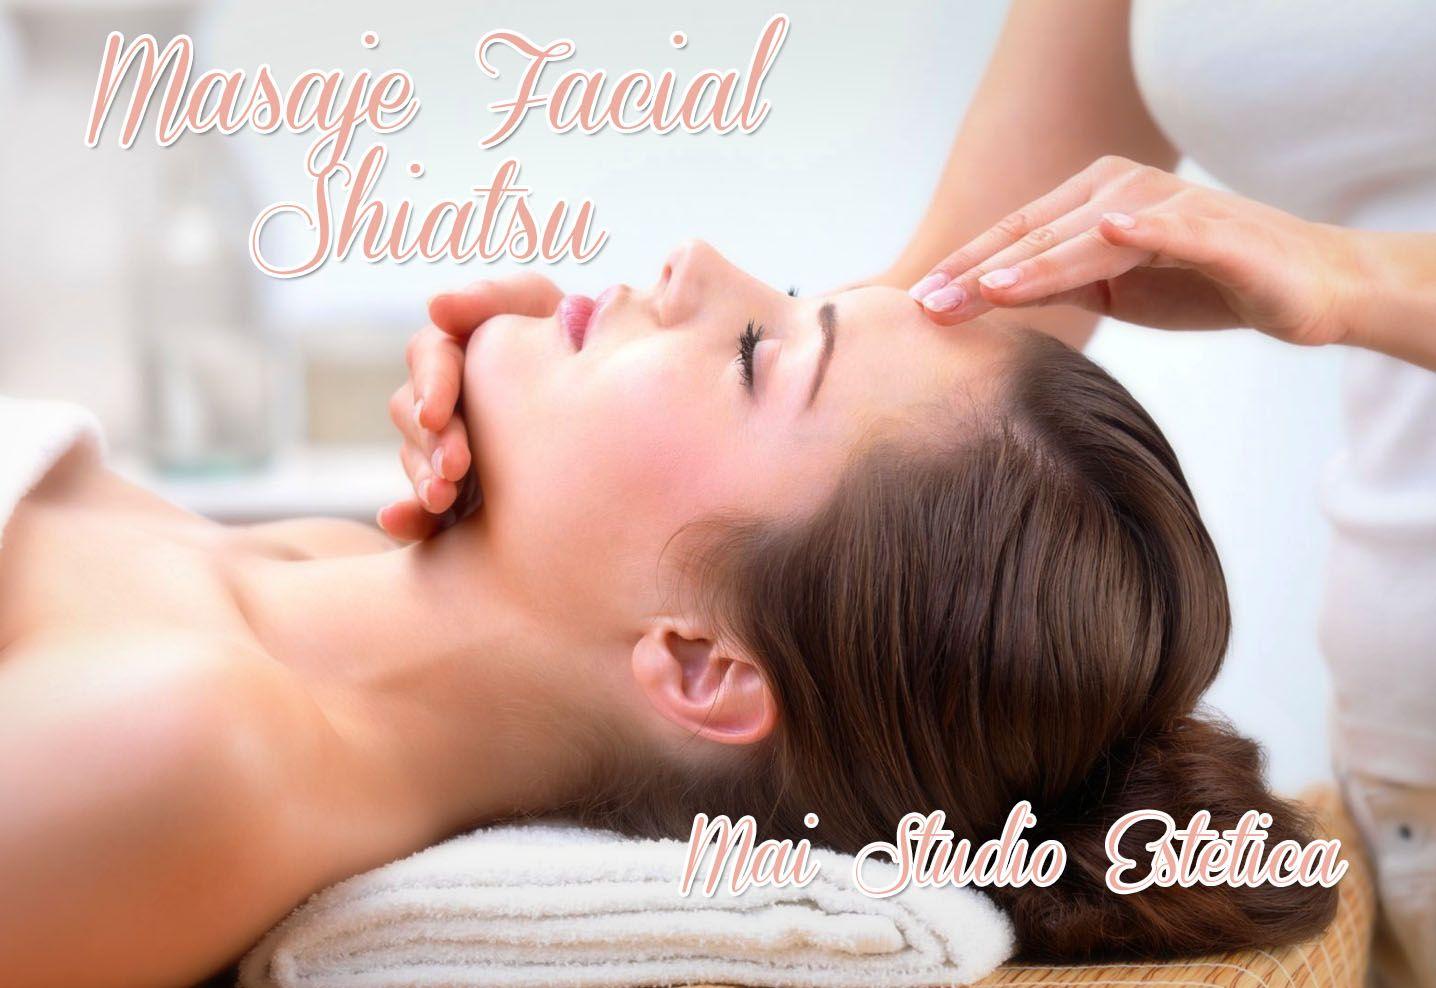 El masaje facial de Shiatsu incluye movimientos ligeros de presión o movimientos circulares a los puntos meridianos importantes en la región de la cara y del cuello. Esto lanza obstrucciones en el flujo de energía vital, corrige desequilibrios y deja una sensación de rejuvenecimiento.